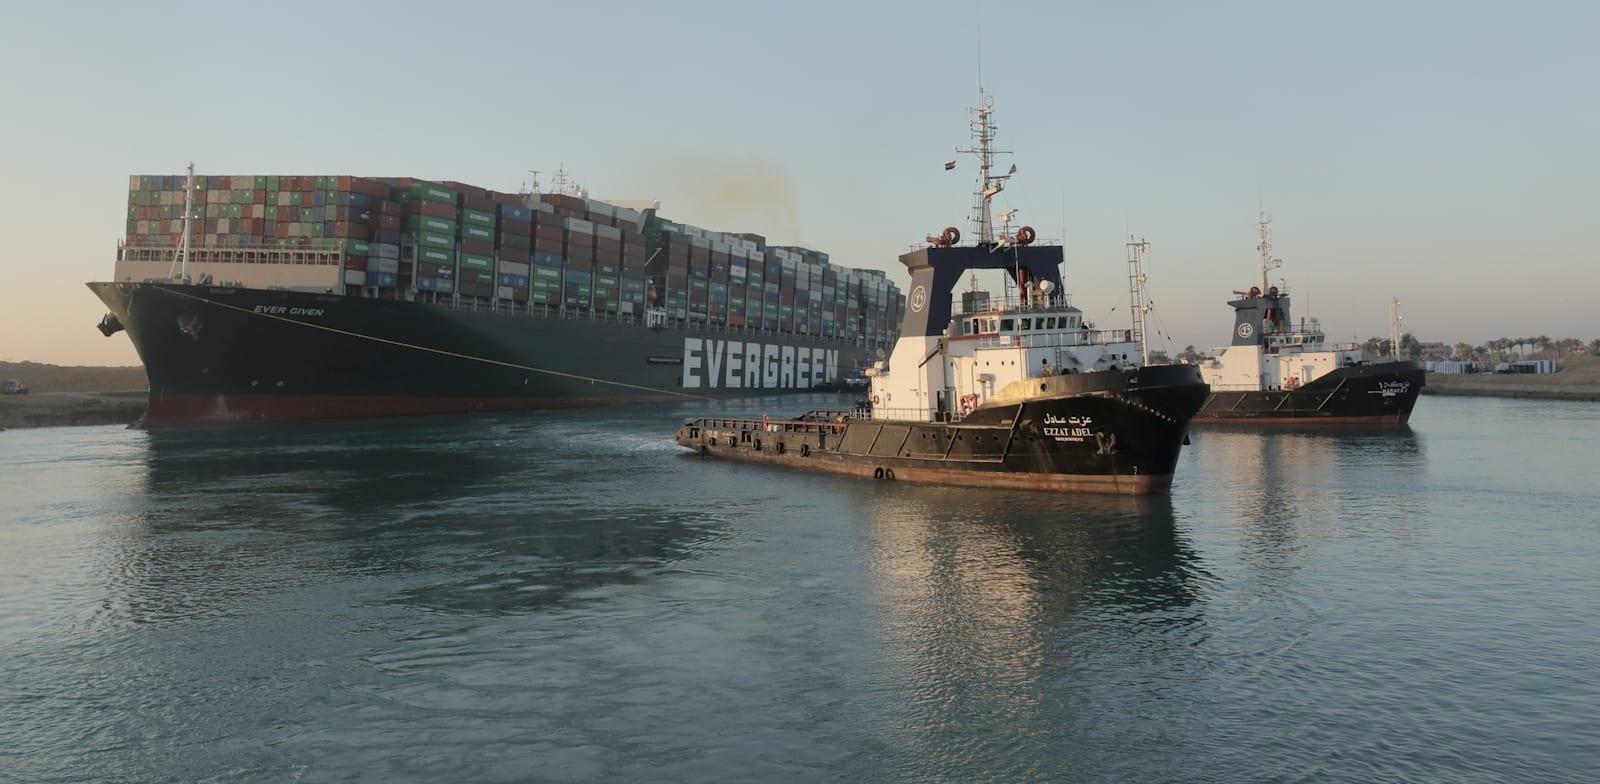 ספינת אבר גיבן מתחילה לצוף לאחר התקדמות בניסיונות החילוץ / צילום: Reuters, Suez Canal Authority/Handout